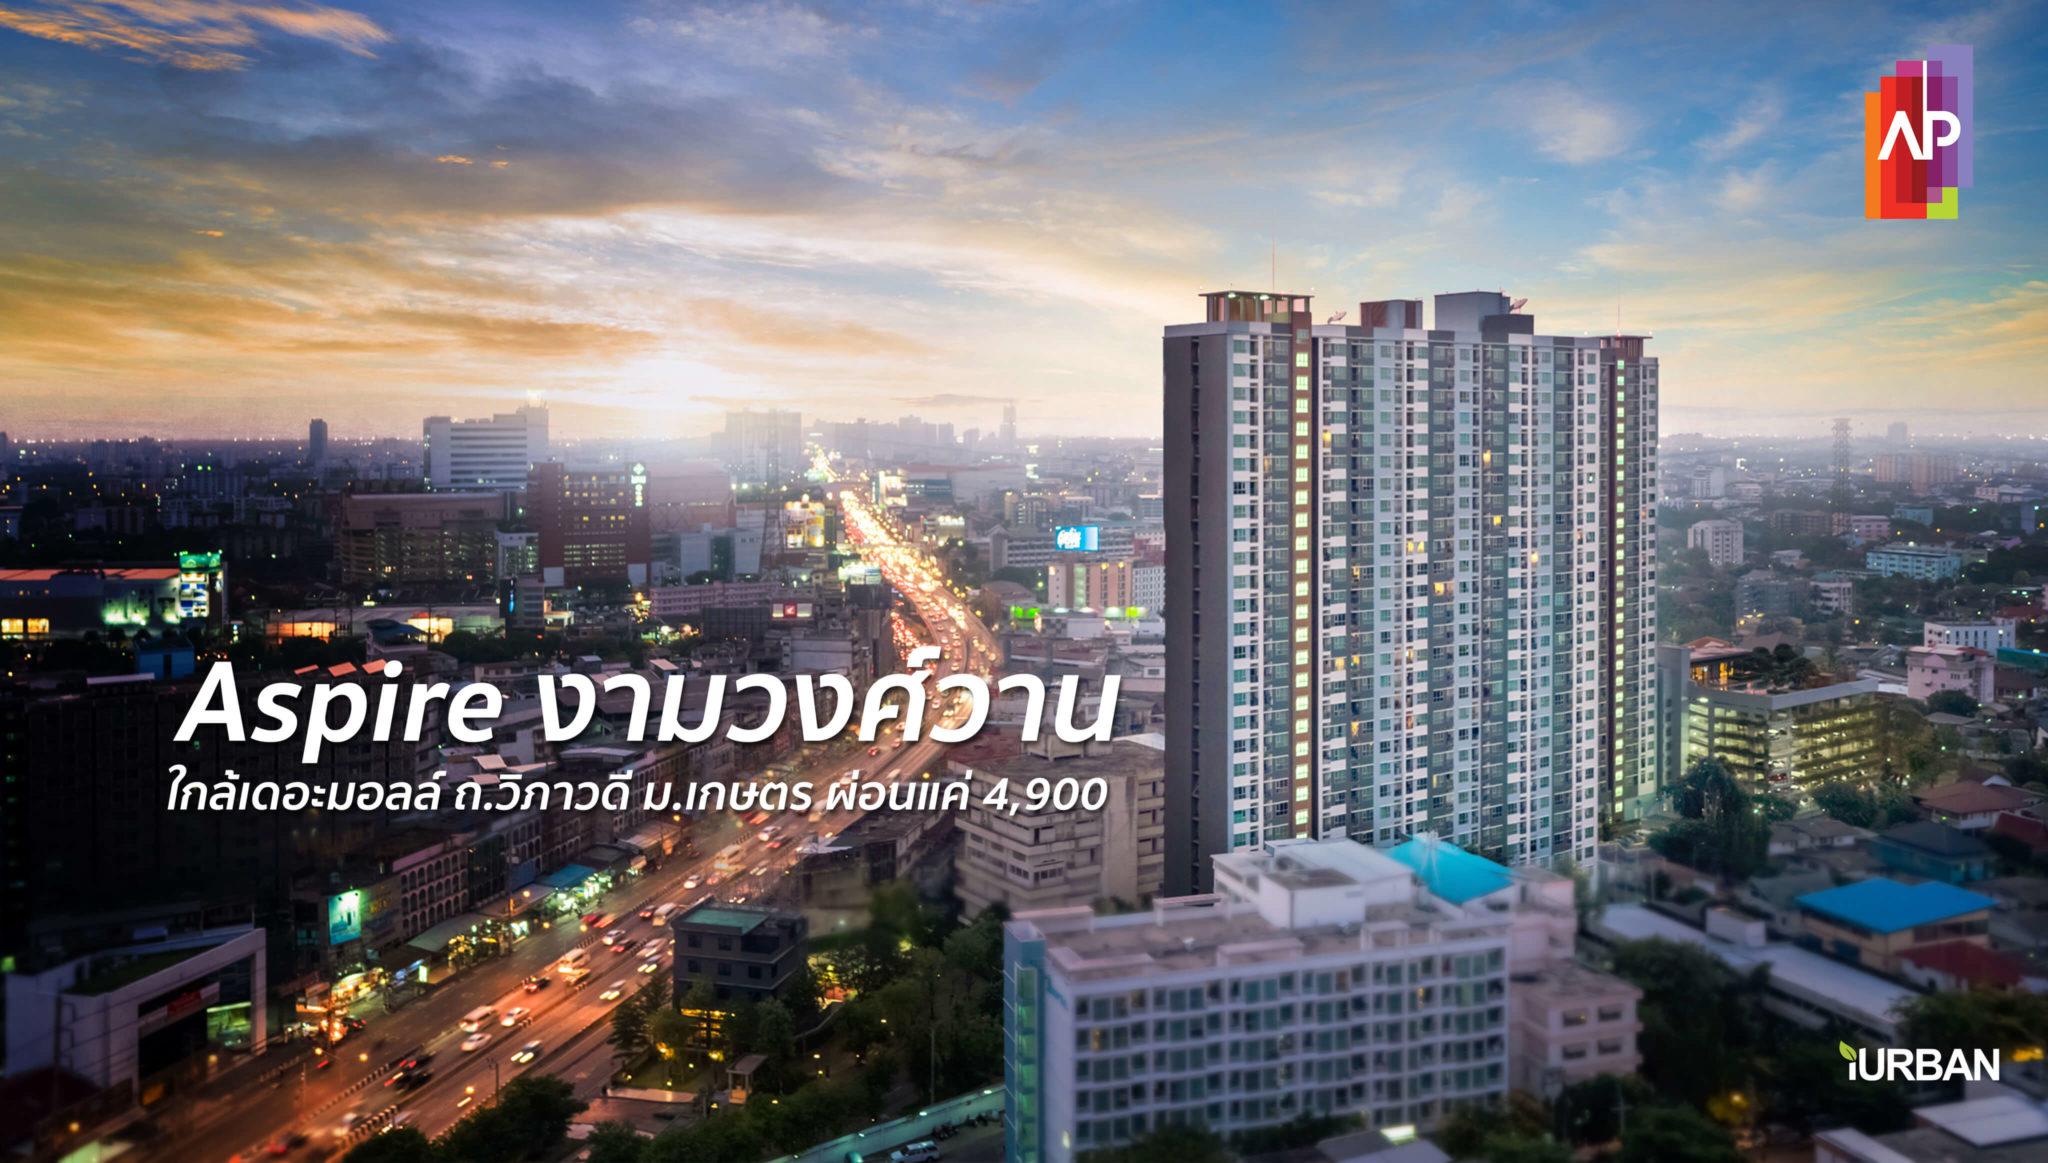 พรีวิว Aspire งามวงศ์วาน คอนโดคุณภาพทำเลดี ใกล้ The Mall ถ.วิภาวดี และ ม.เกษตร 13 - AP (Thailand) - เอพี (ไทยแลนด์)